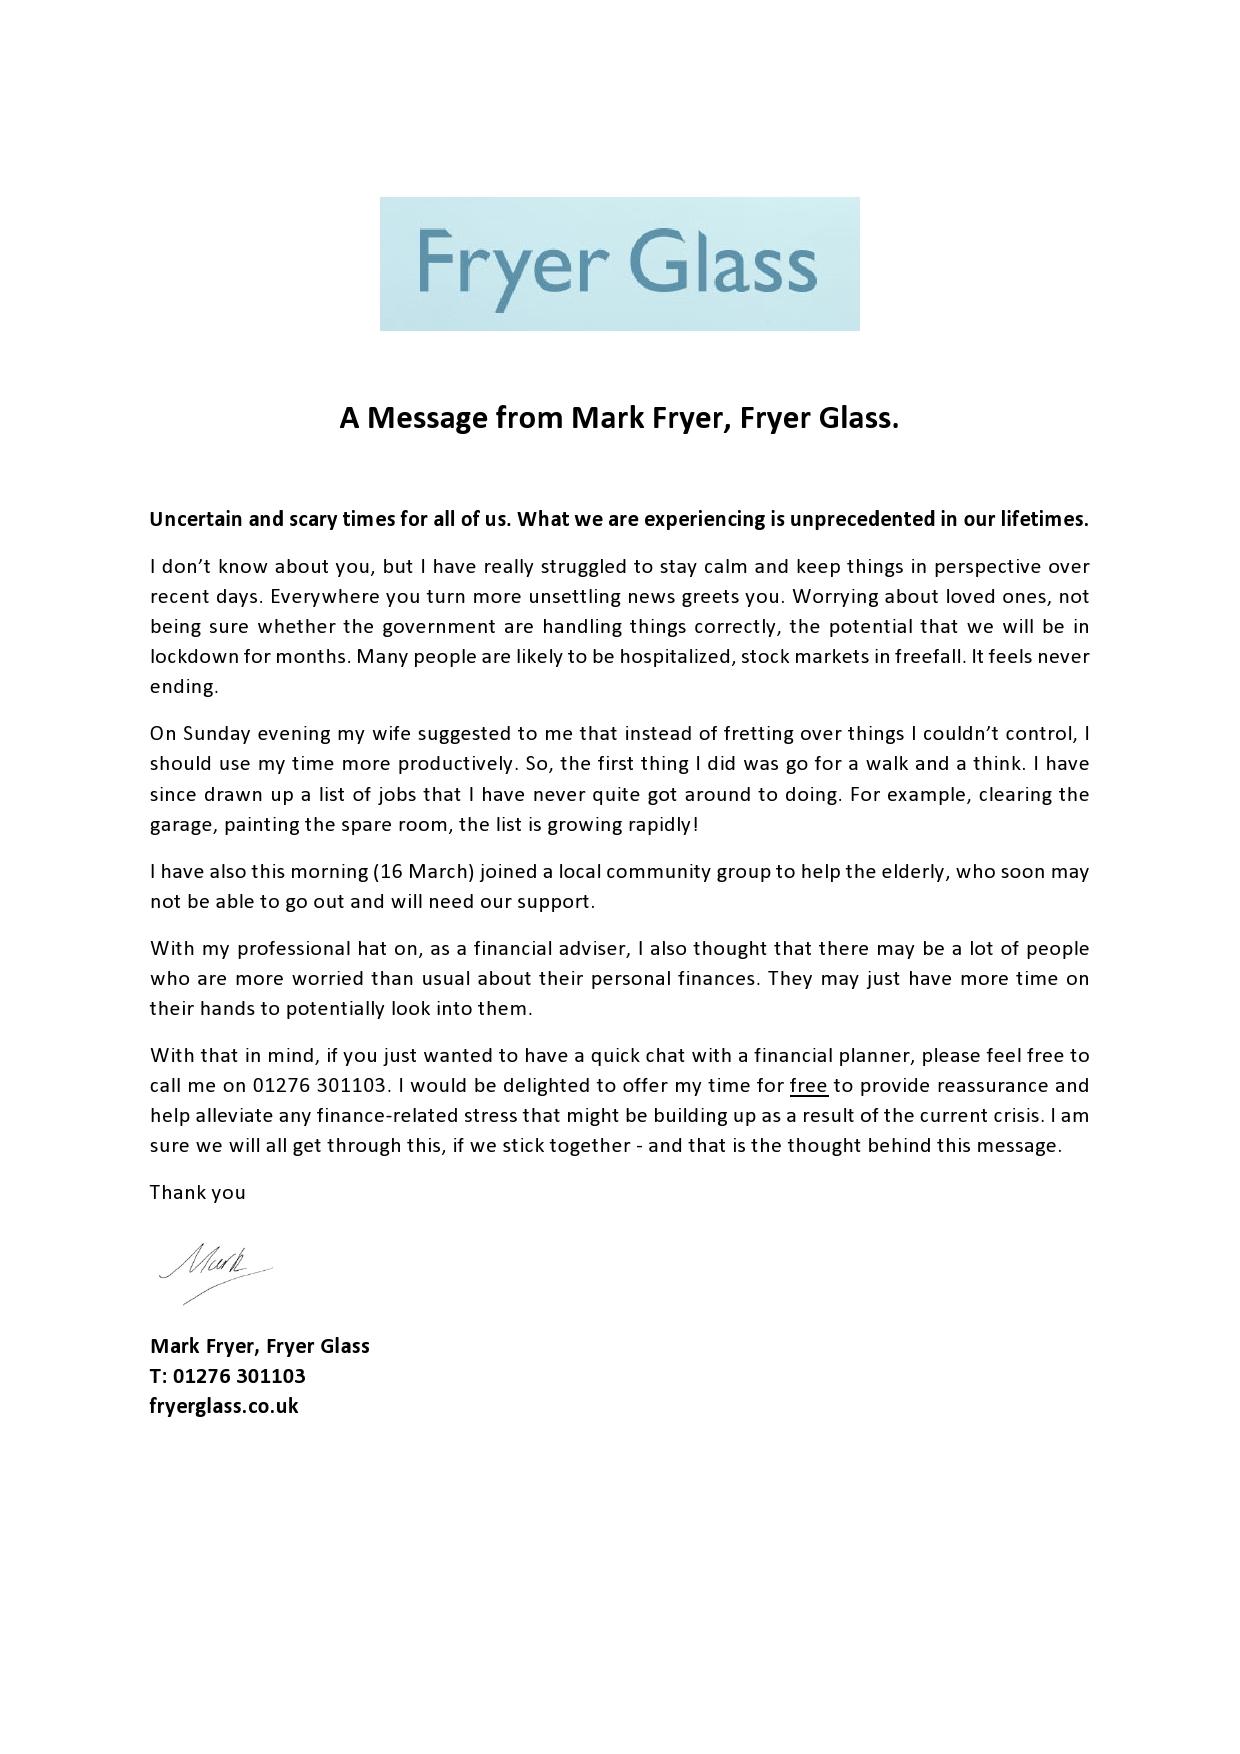 Coronavirus and Fryer Glass Message